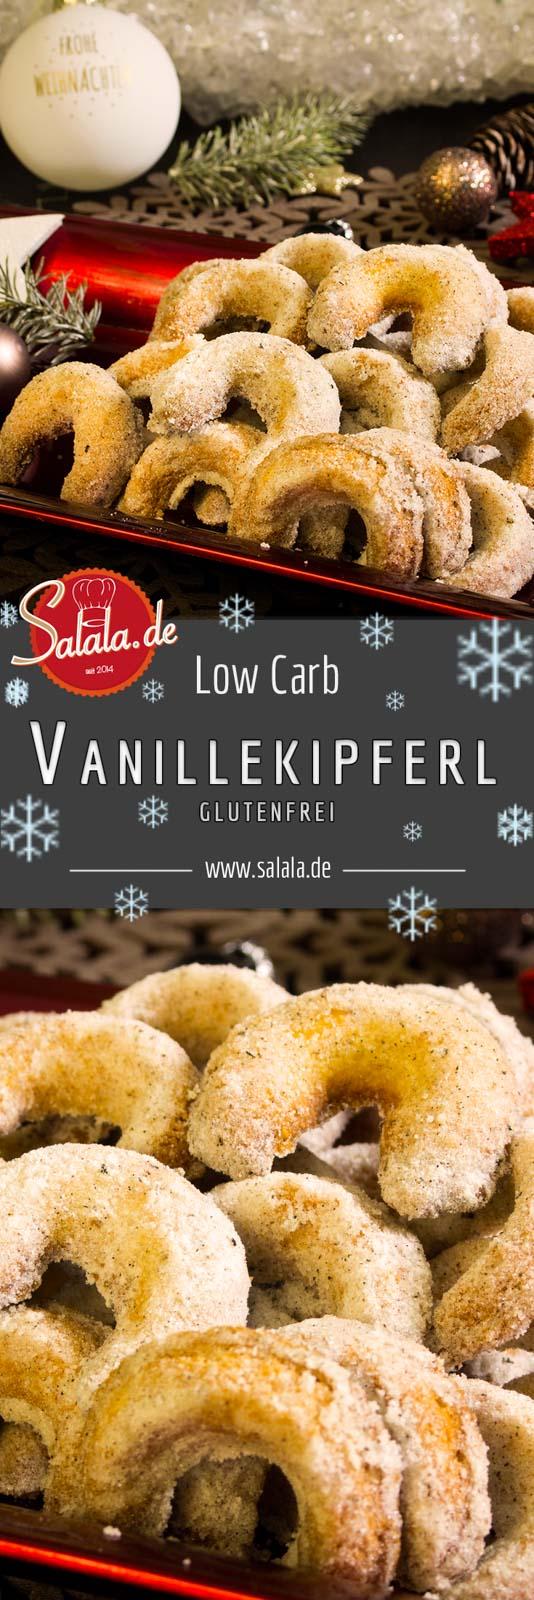 Vanillekipferl mag jeder. Wir haben das perfekt Low Carb und glutenfreie Vanillekipferl Rezept für dich, das jeder mögen wird. Weihnachten kann kommen!